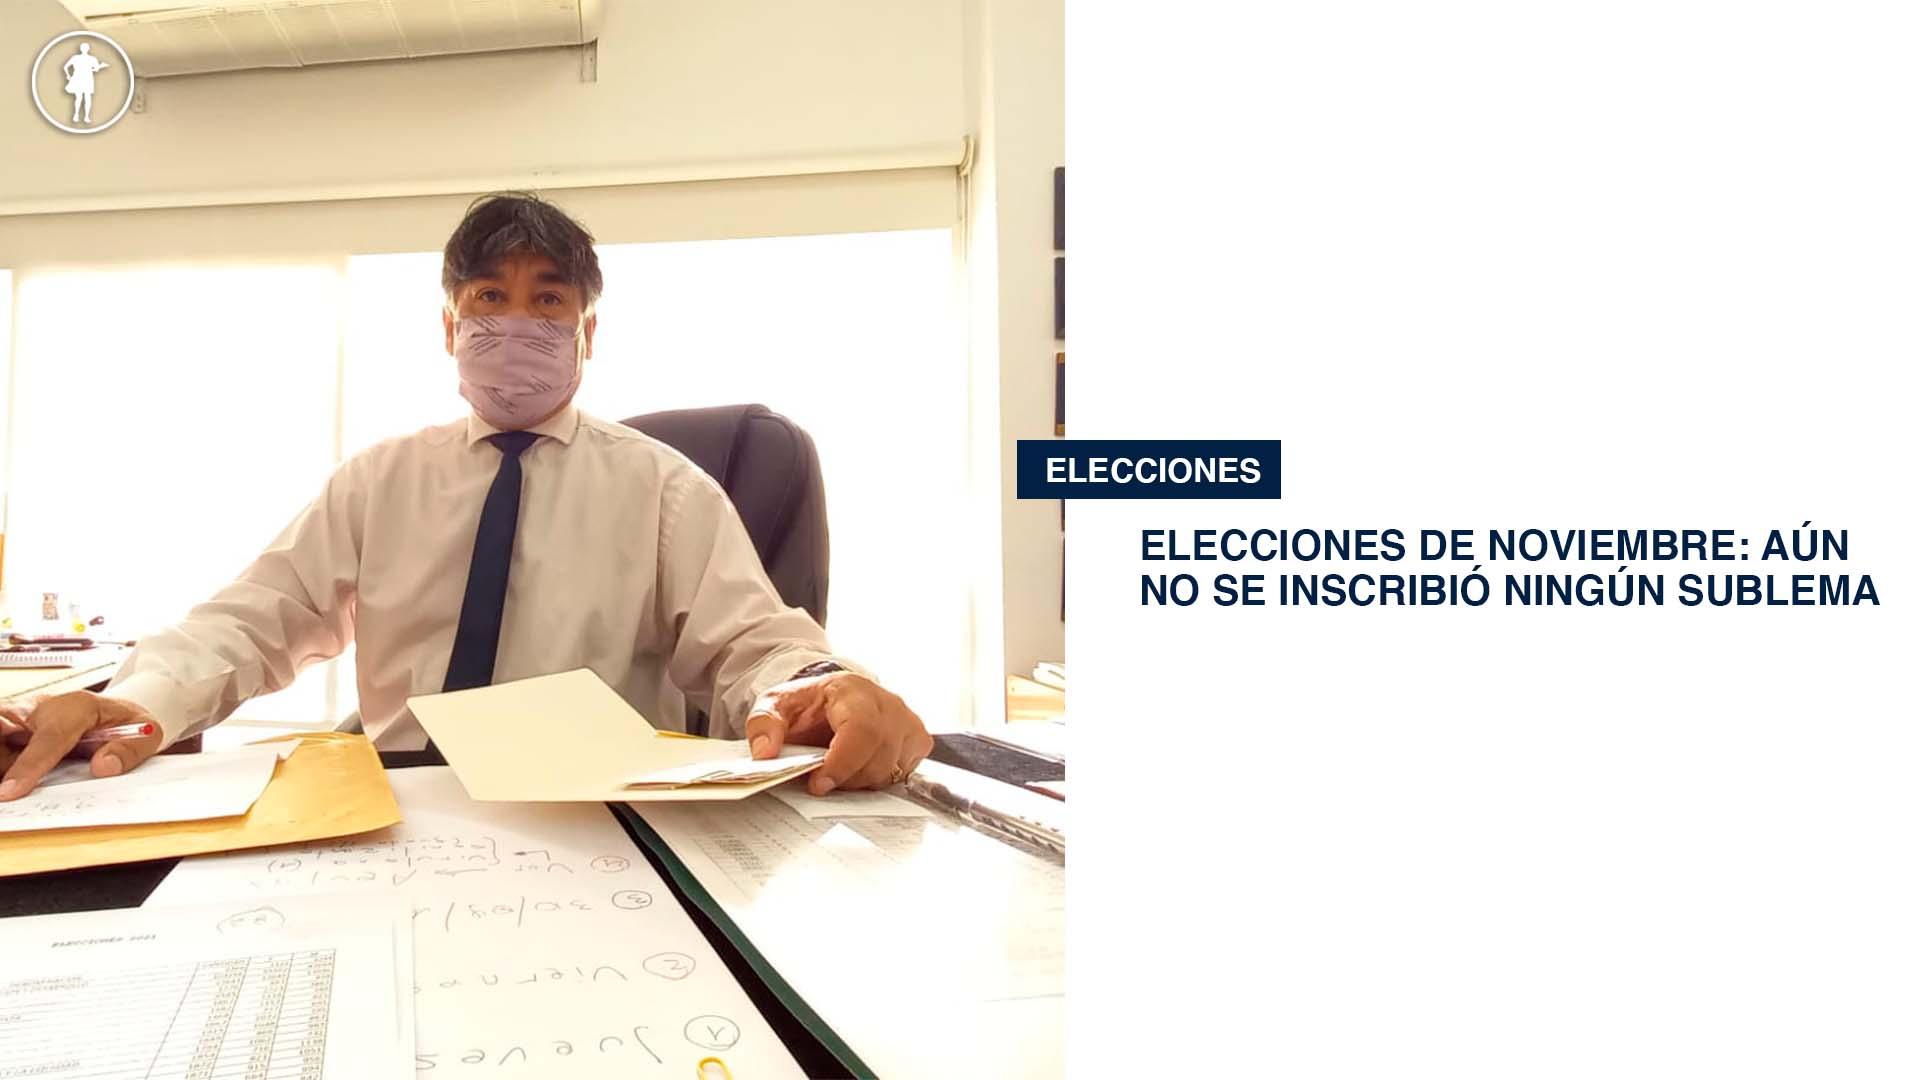 elecciones-de-noviembre:-aun-no-se-inscribio-ningun-sublema